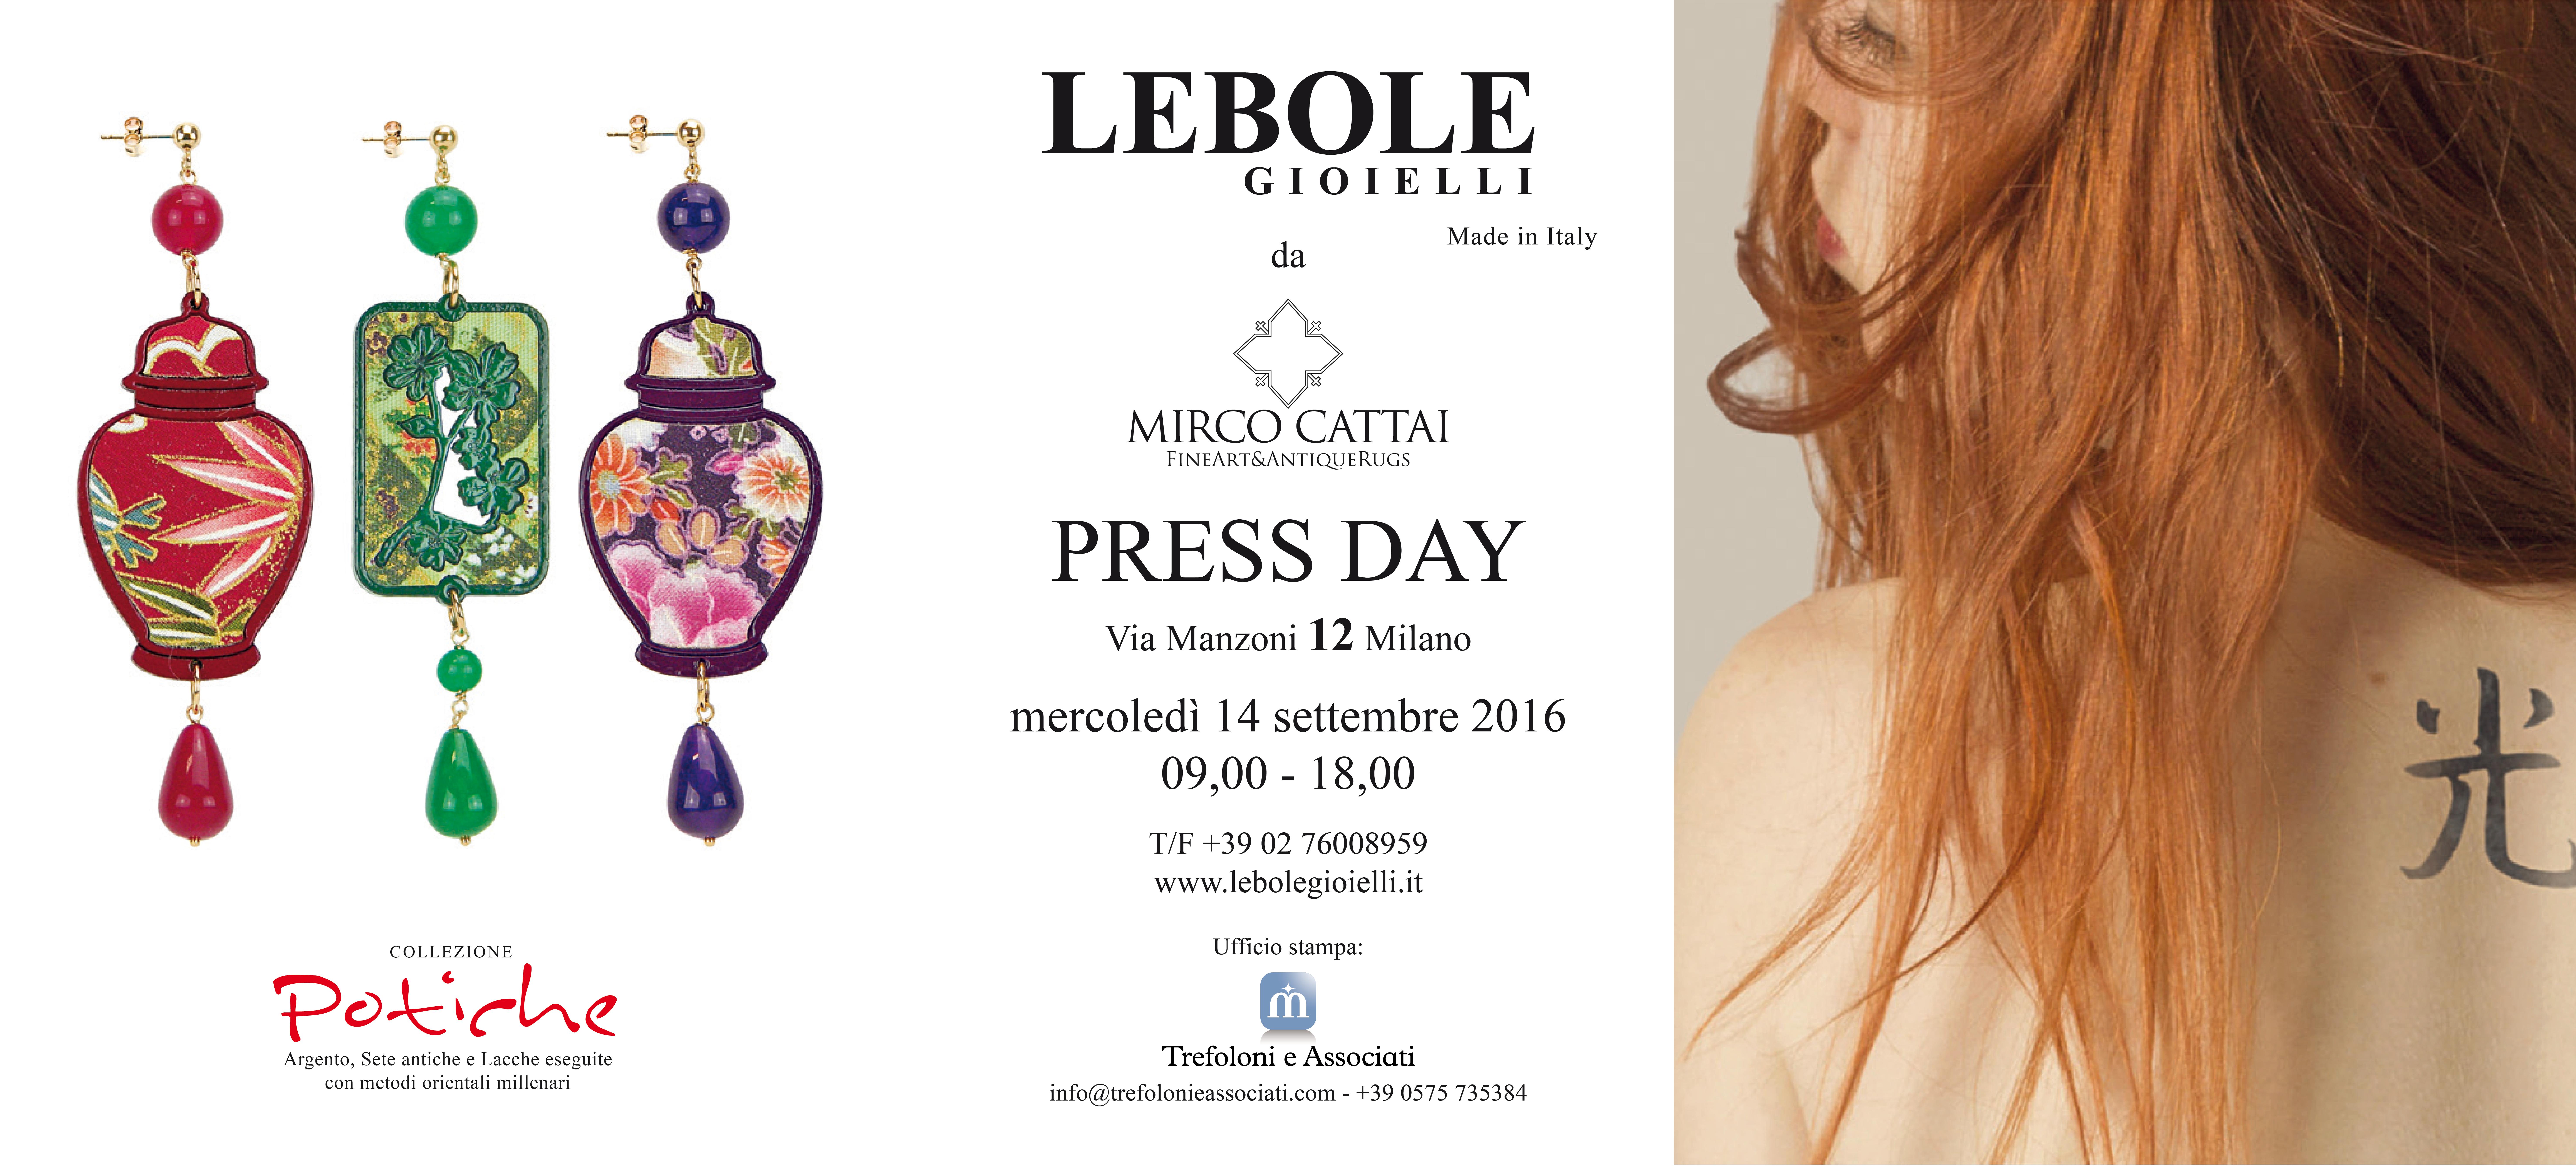 LEBOLE GIOIELLI – PRESS DAY 14 settembre 2016 Milano